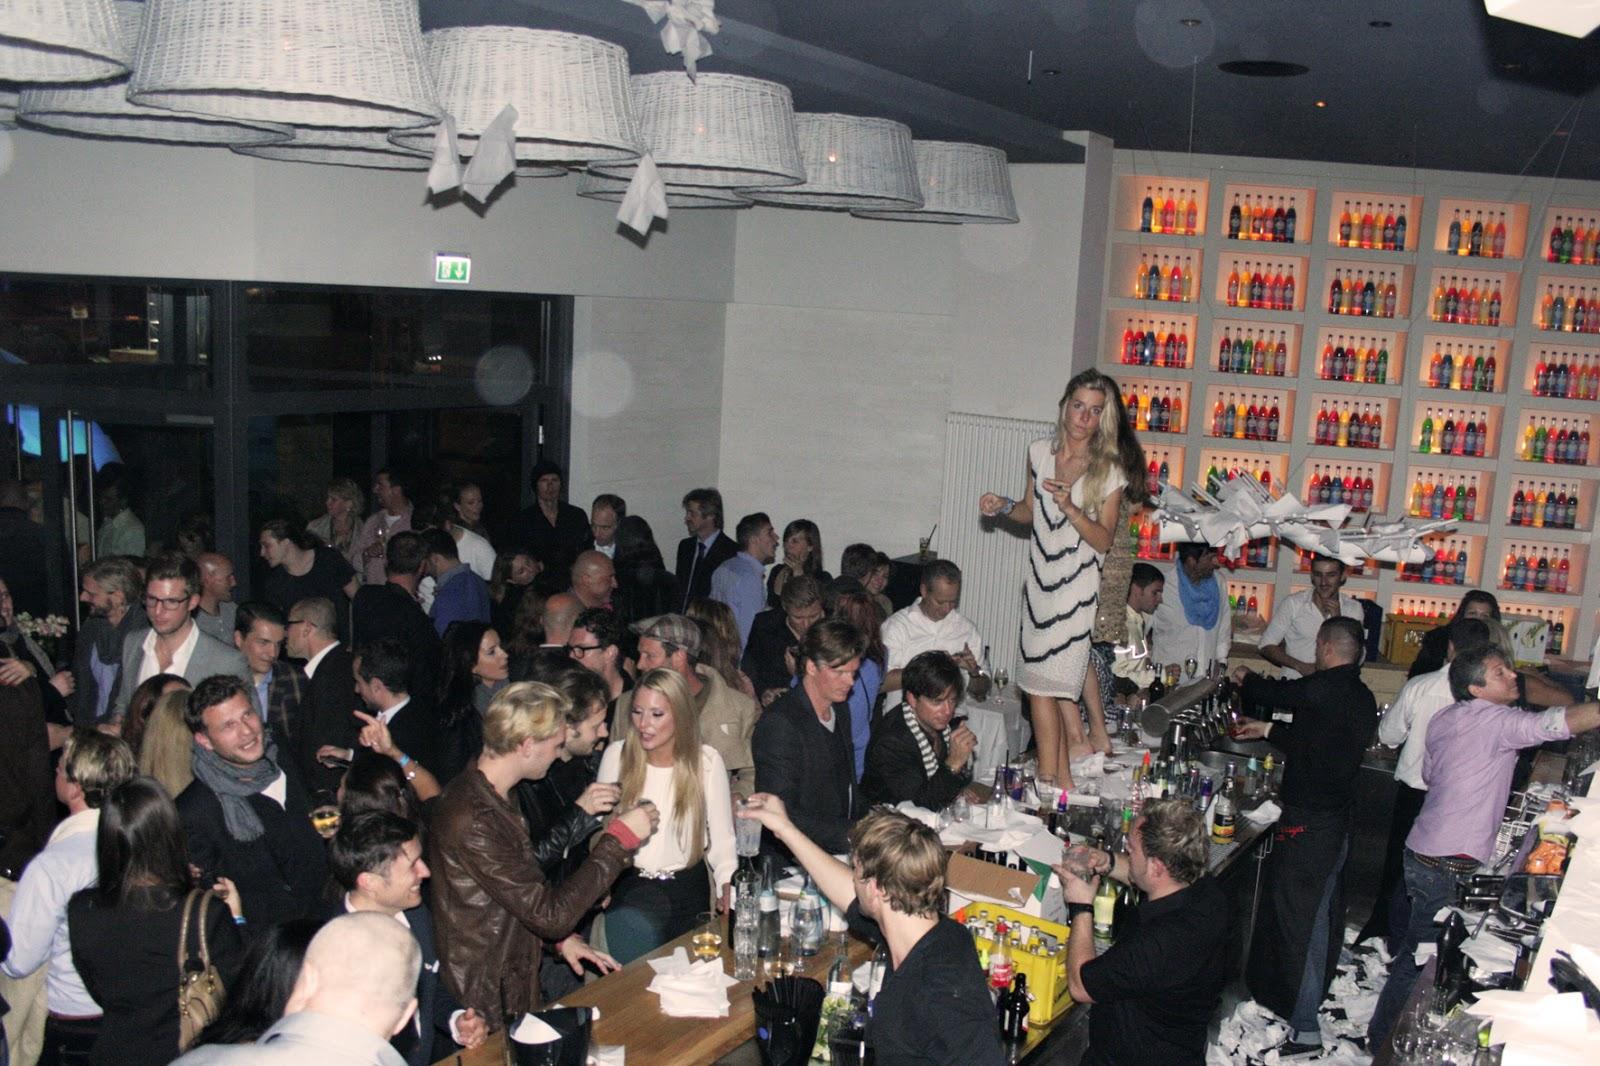 griechische frauen flirten Ravensburg